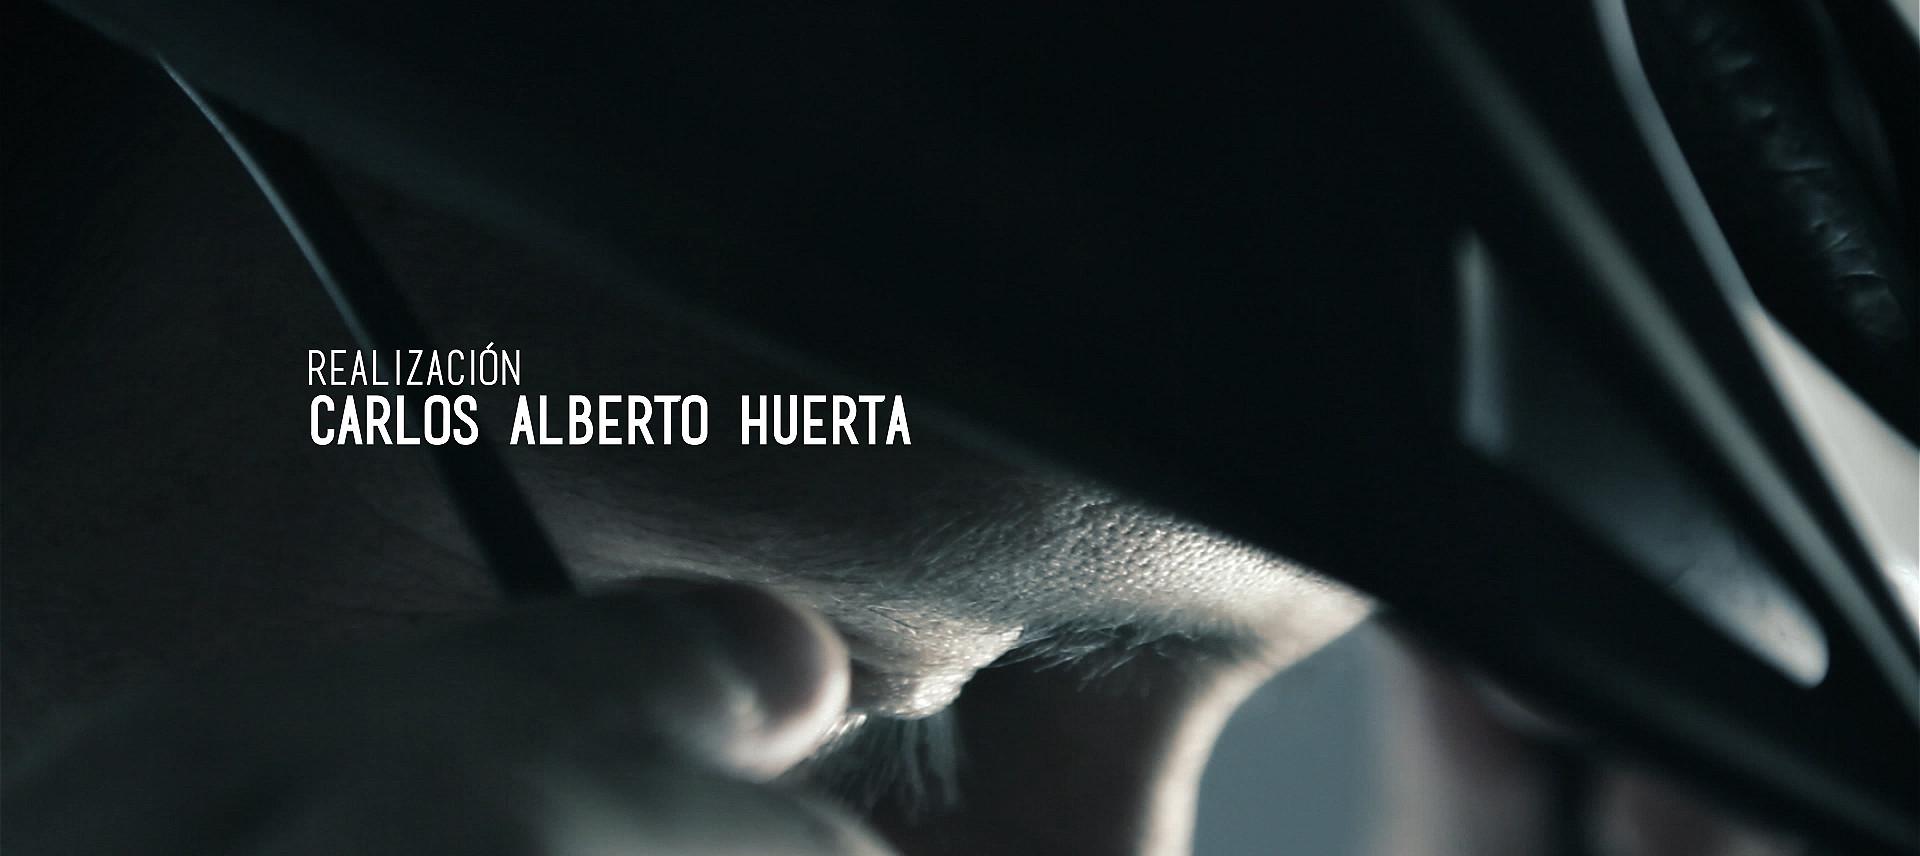 CORTINILLA SUEÑAsafe (0.00.05.23).jpg